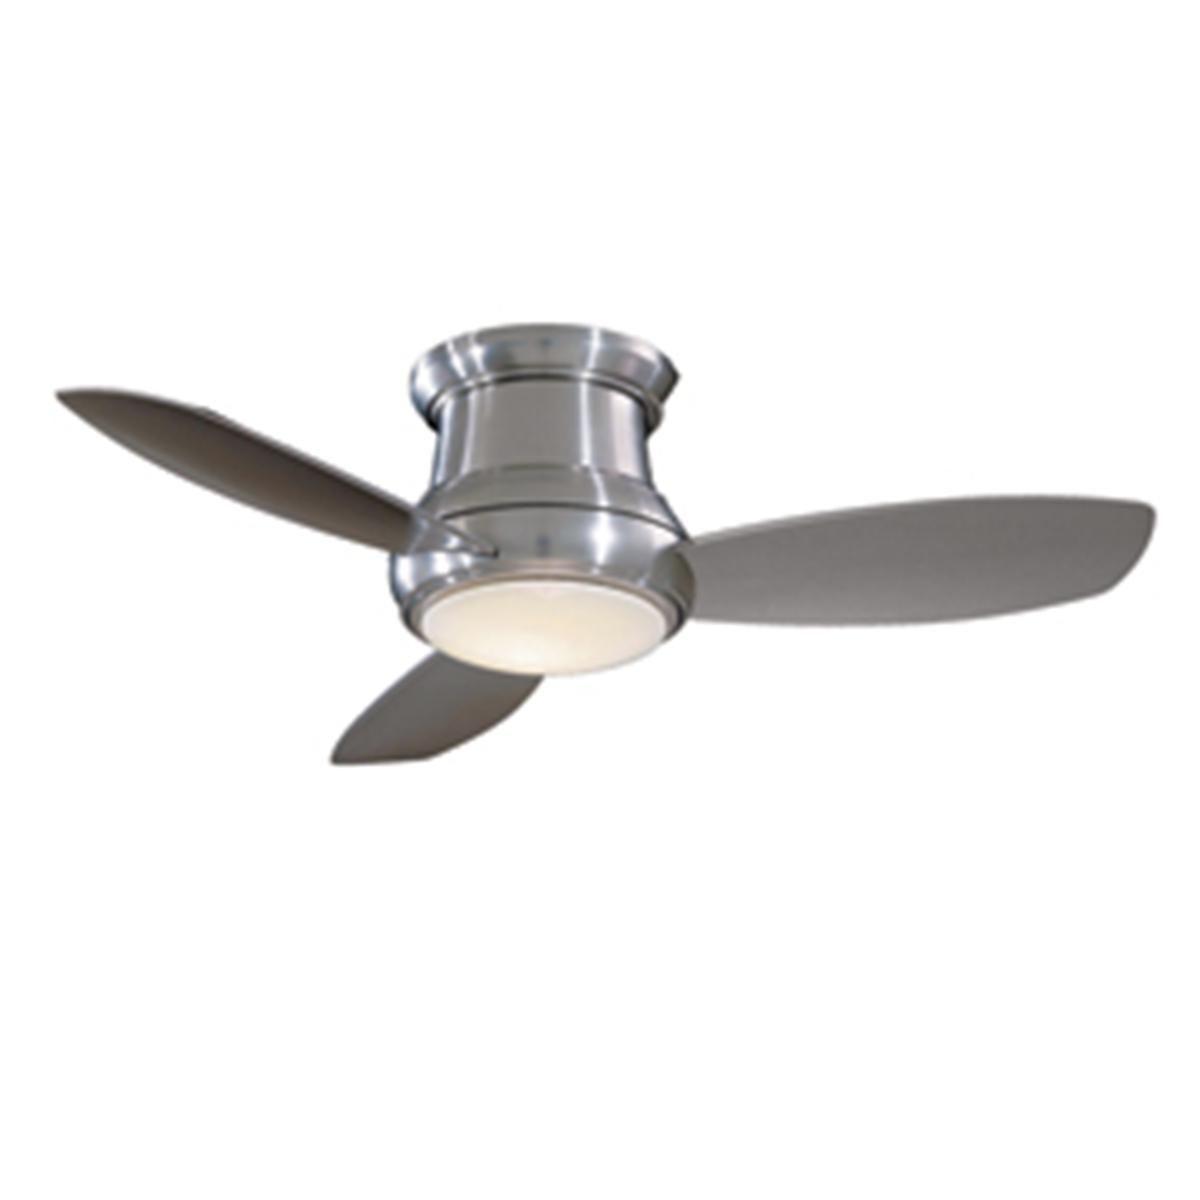 44 Low Ceiling Scoop Fan Alternate Fan Idea For Mudroom Ceiling